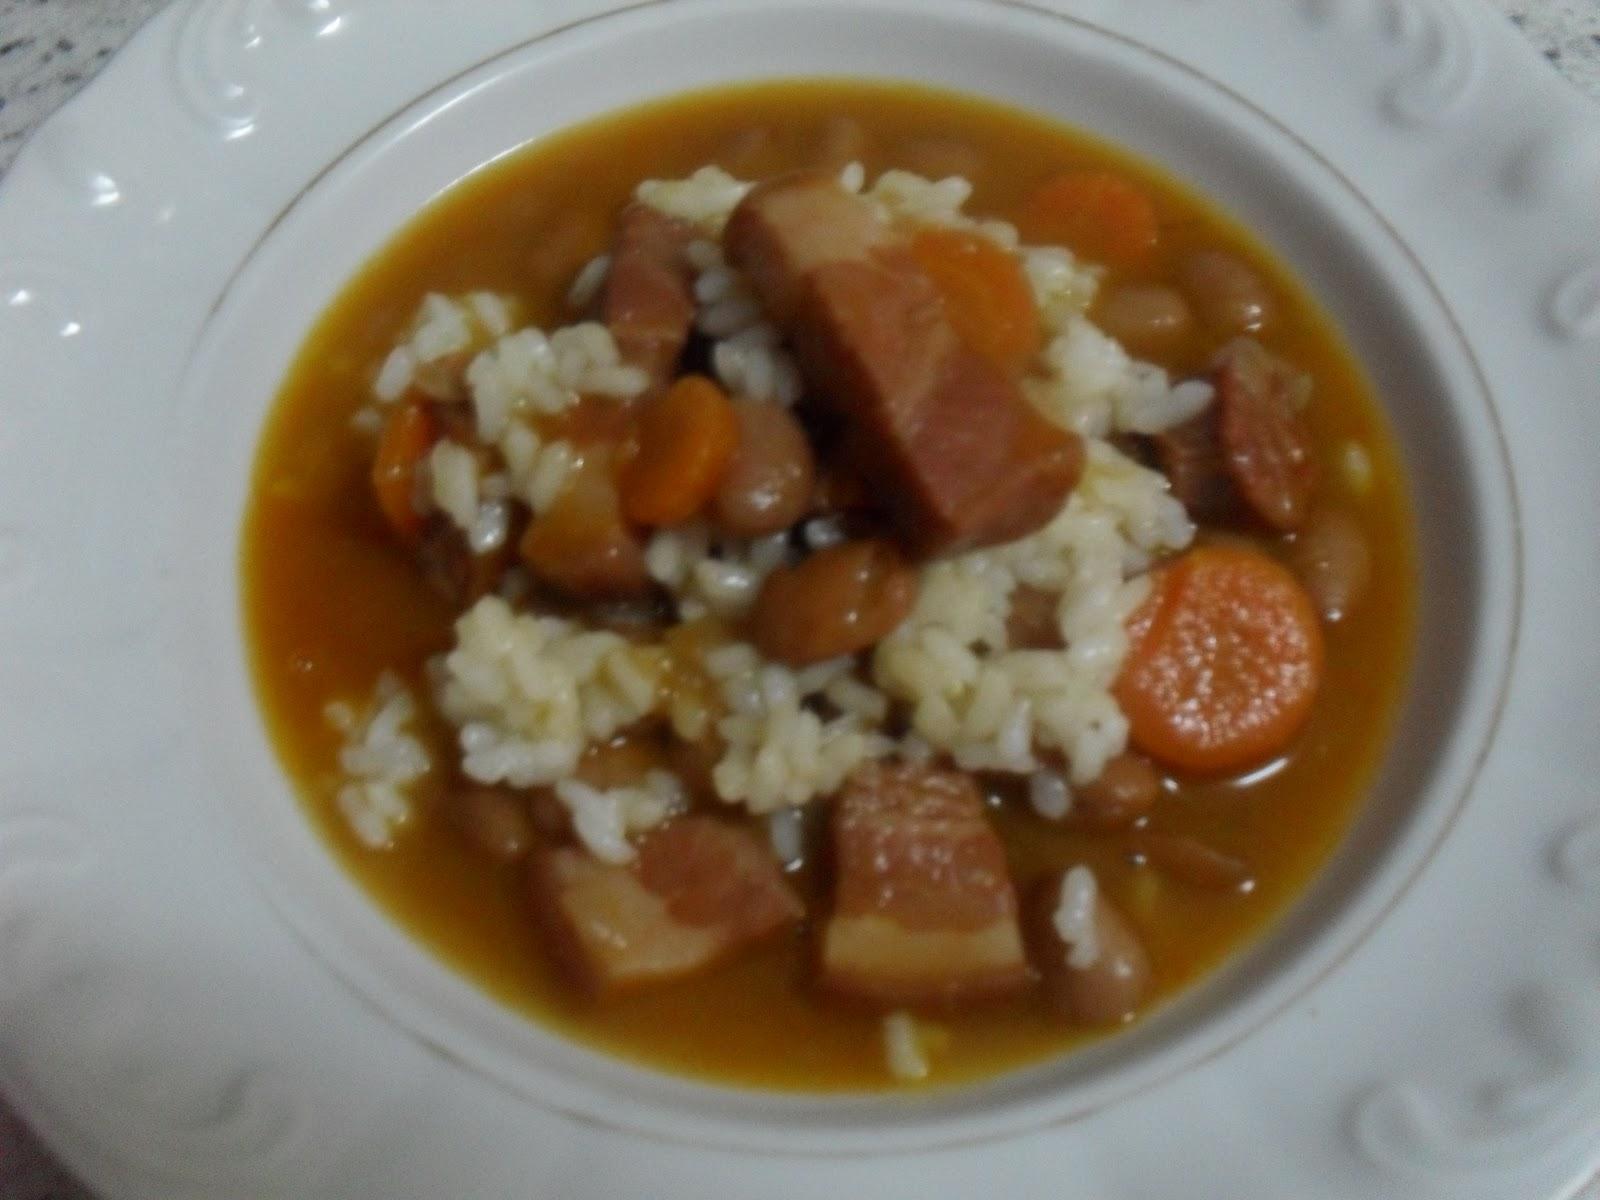 Las recetas de montsine jud as pintas con arroz - Arroz con judias pintas ...